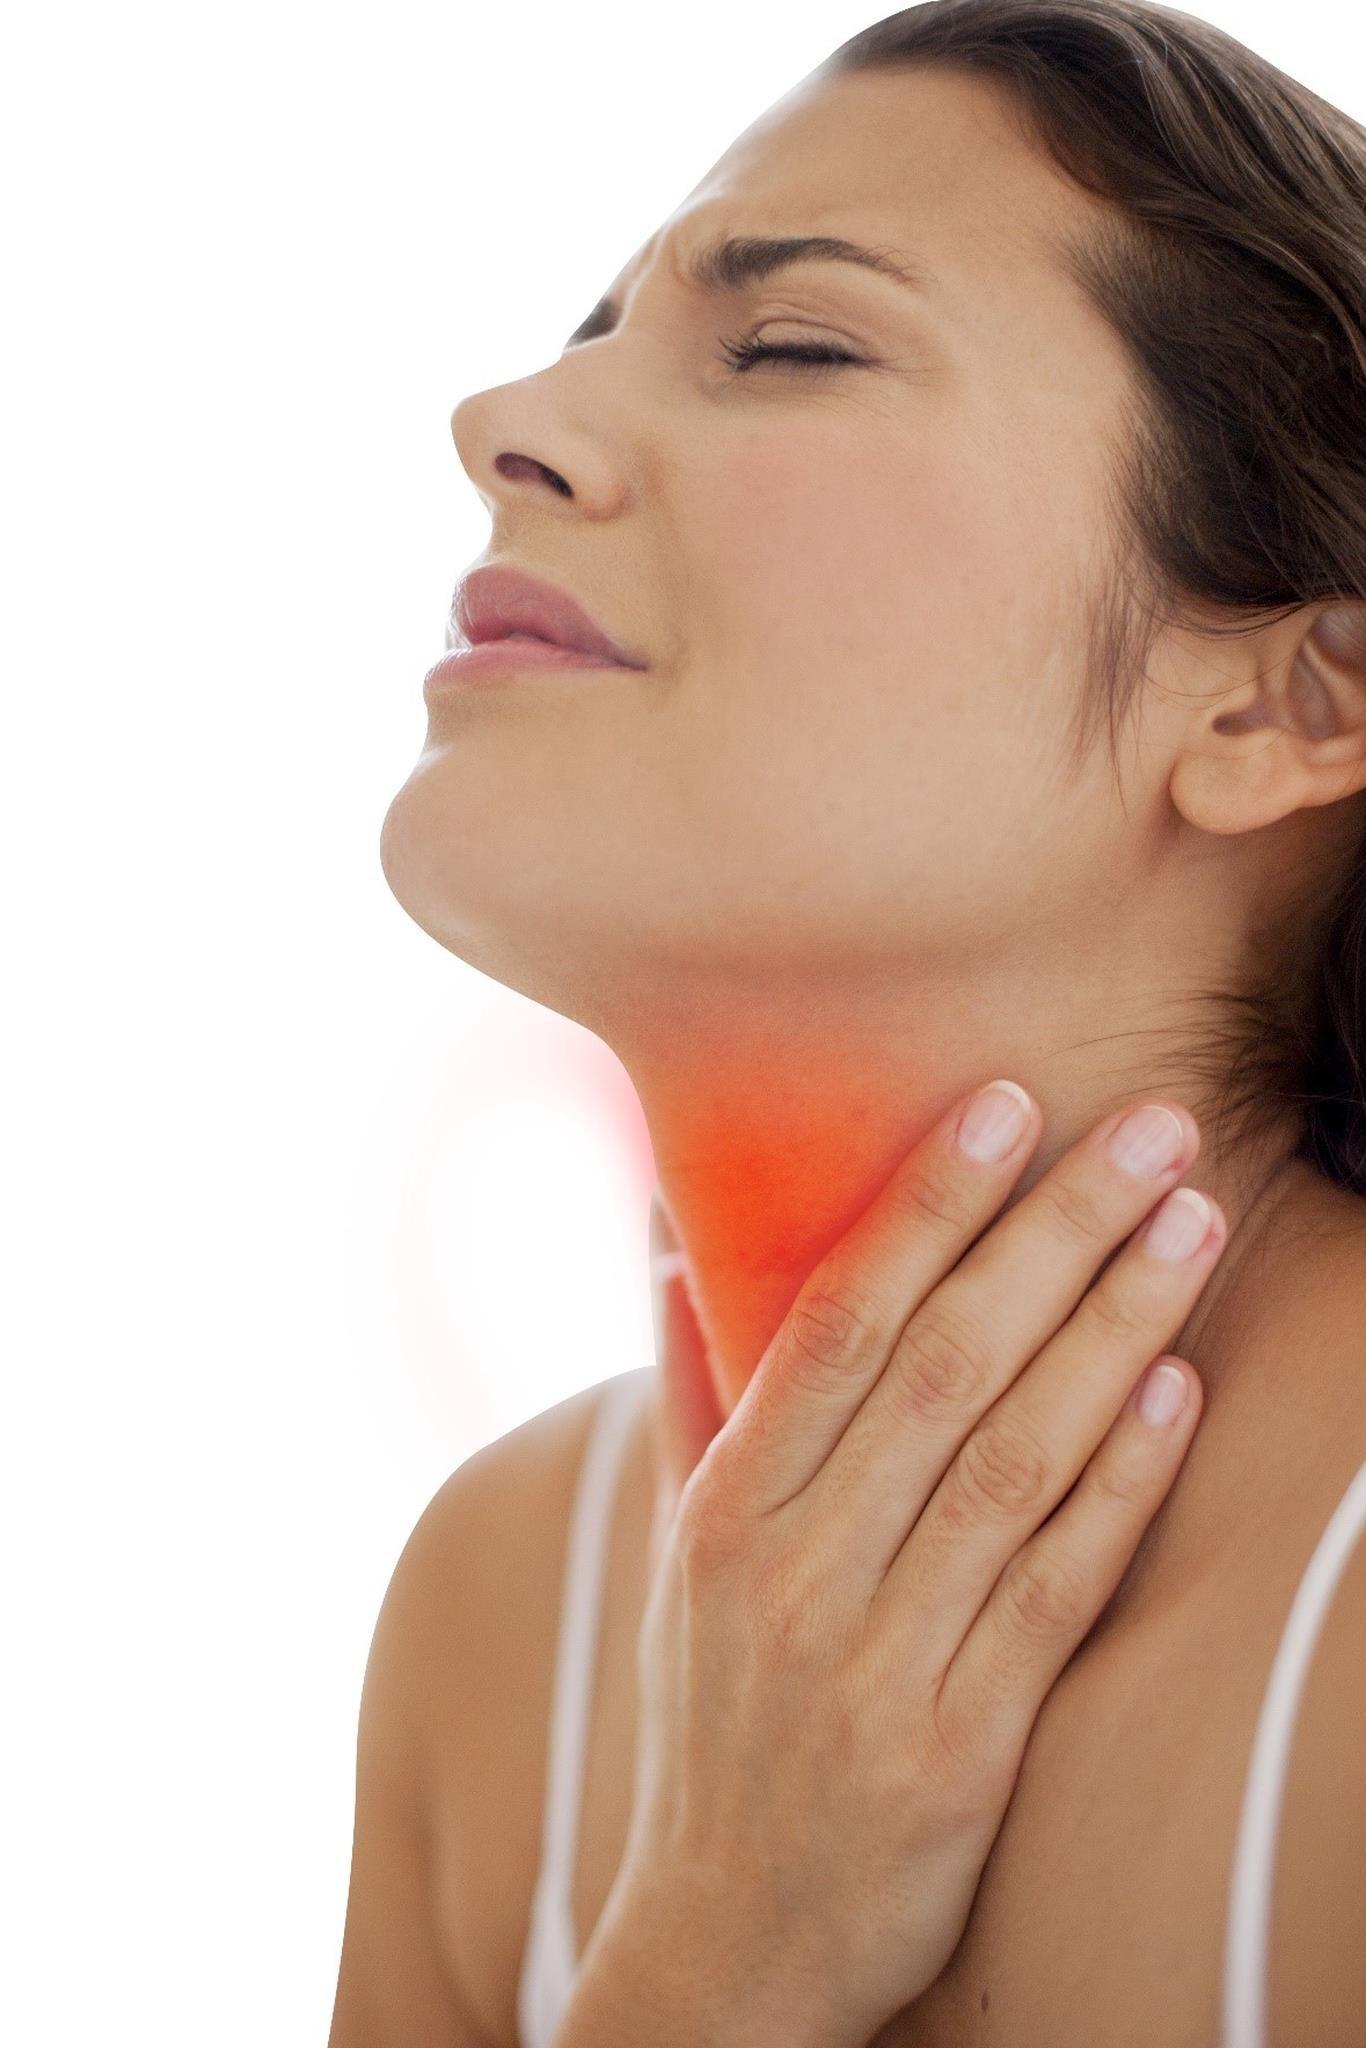 Khi bị viêm họng nặng, người bệnh cảm thấy rất khó chịu vì tình trạng sưng tấy, đỏ, nuốt đau